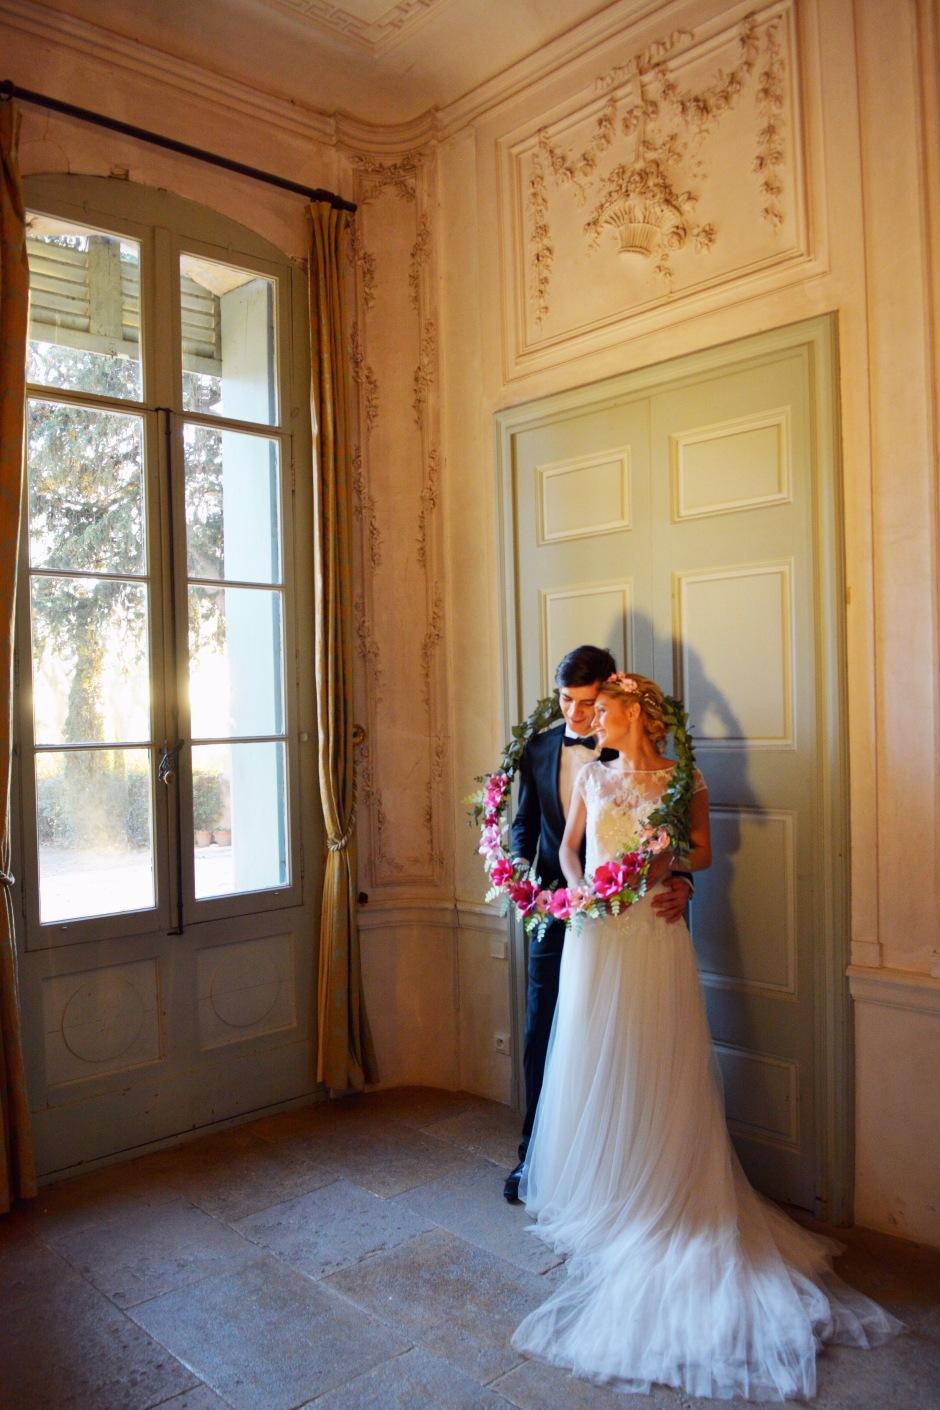 mariage-fiancailles-st-valentin-chateau-de-la-mogere-60